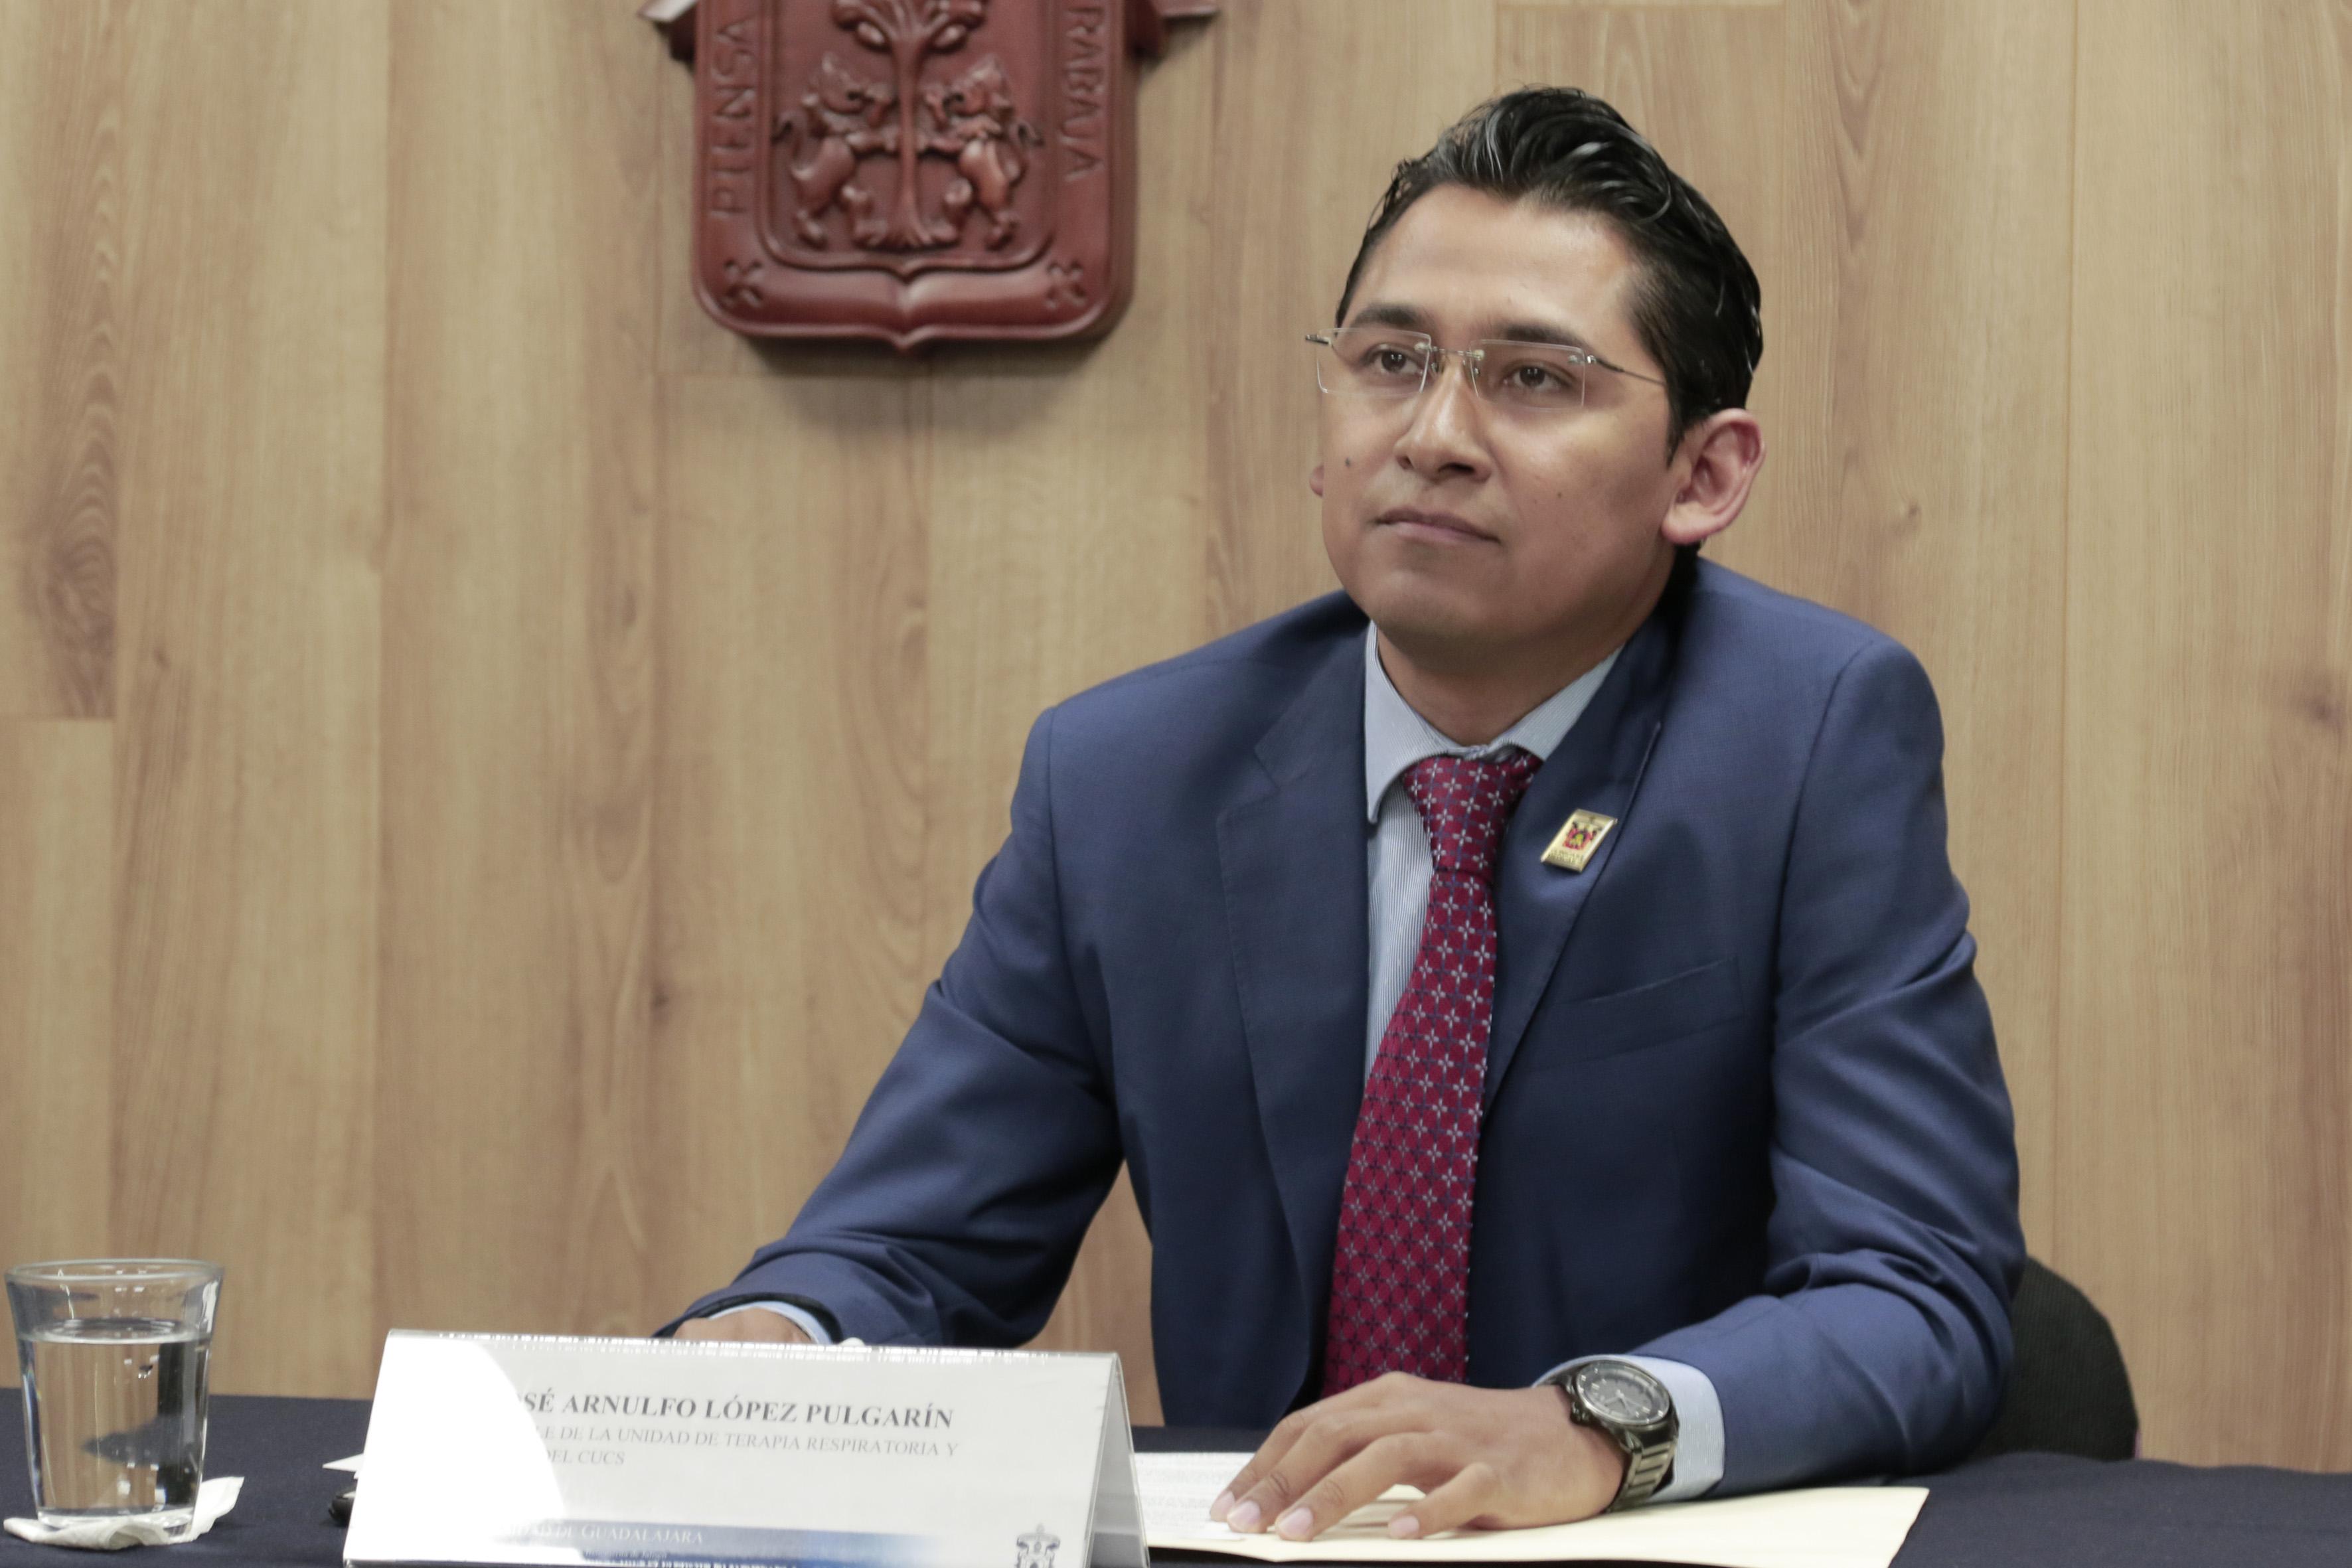 Dr. Arnulfo López a cuadro